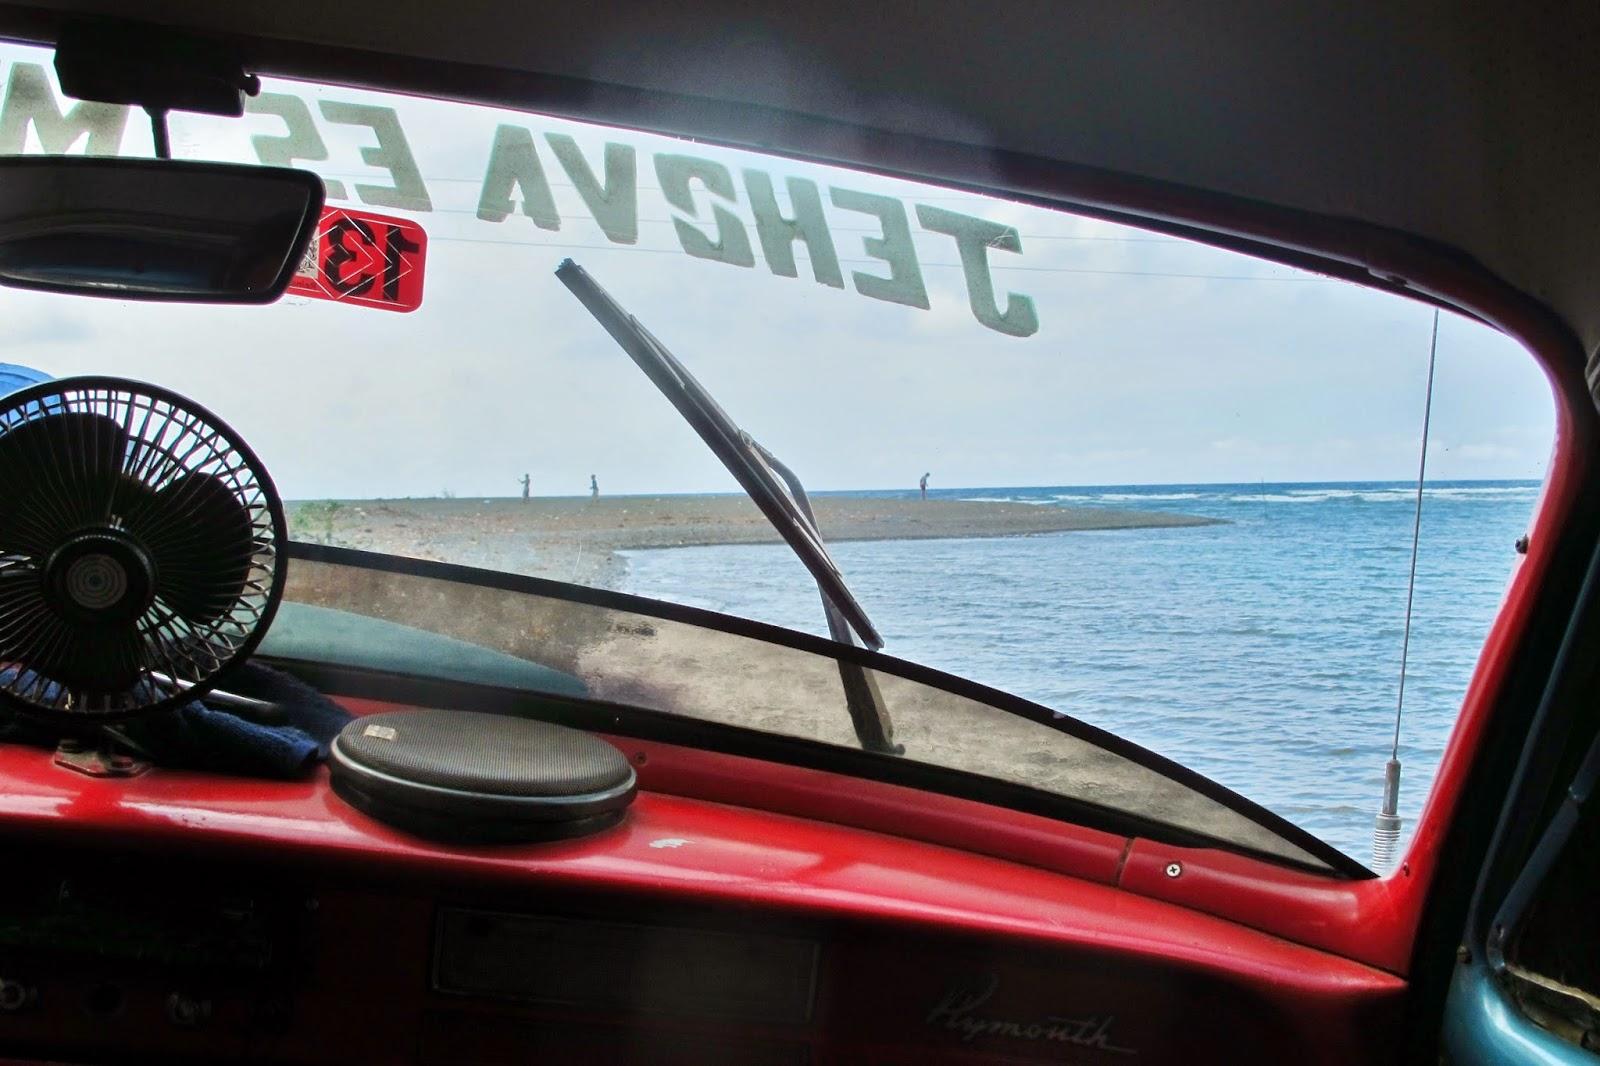 Carro atolado na Boca de Yumurí, um cânion em Cuba.